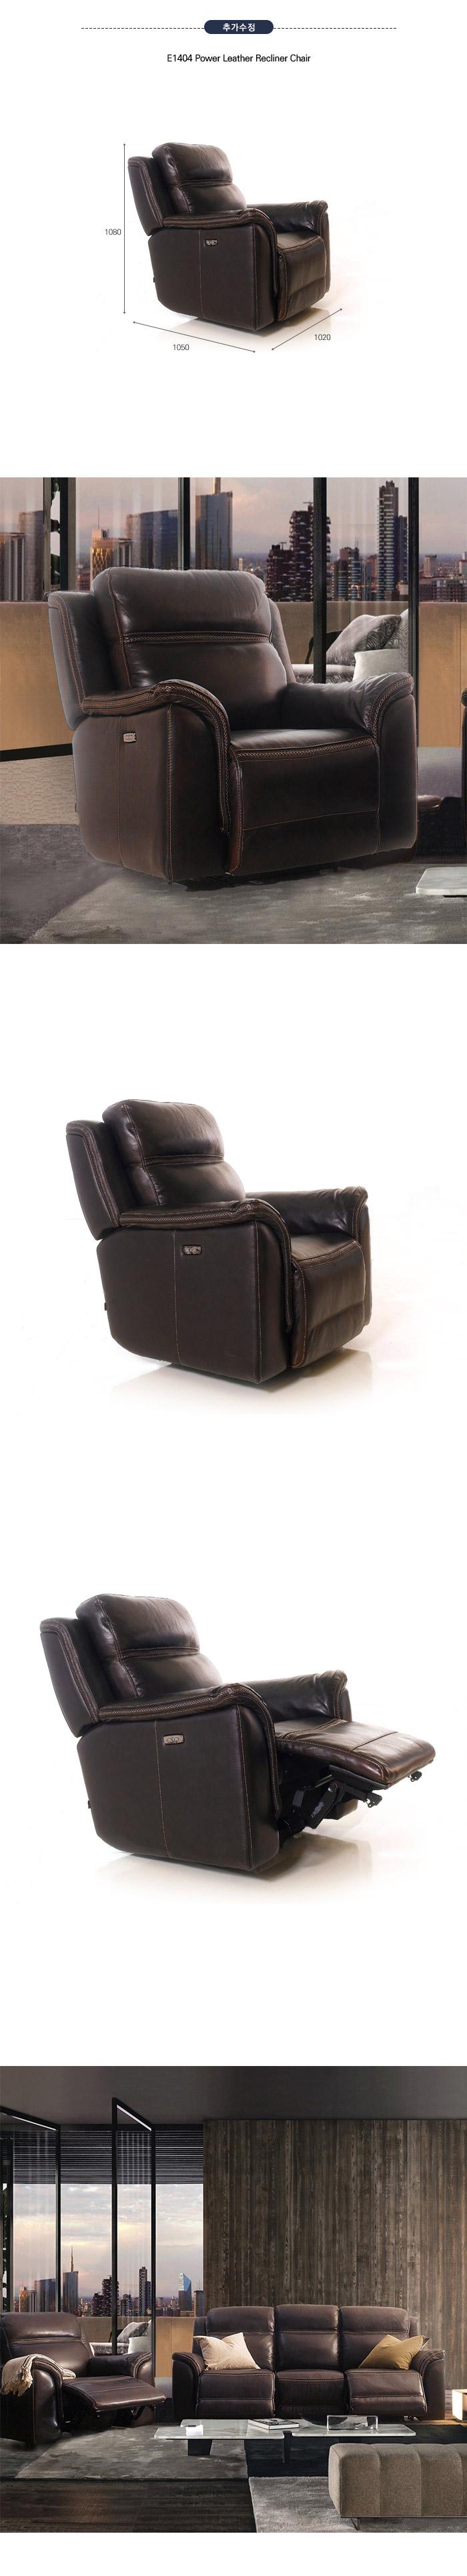 E1404-sofa-add-5.jpg